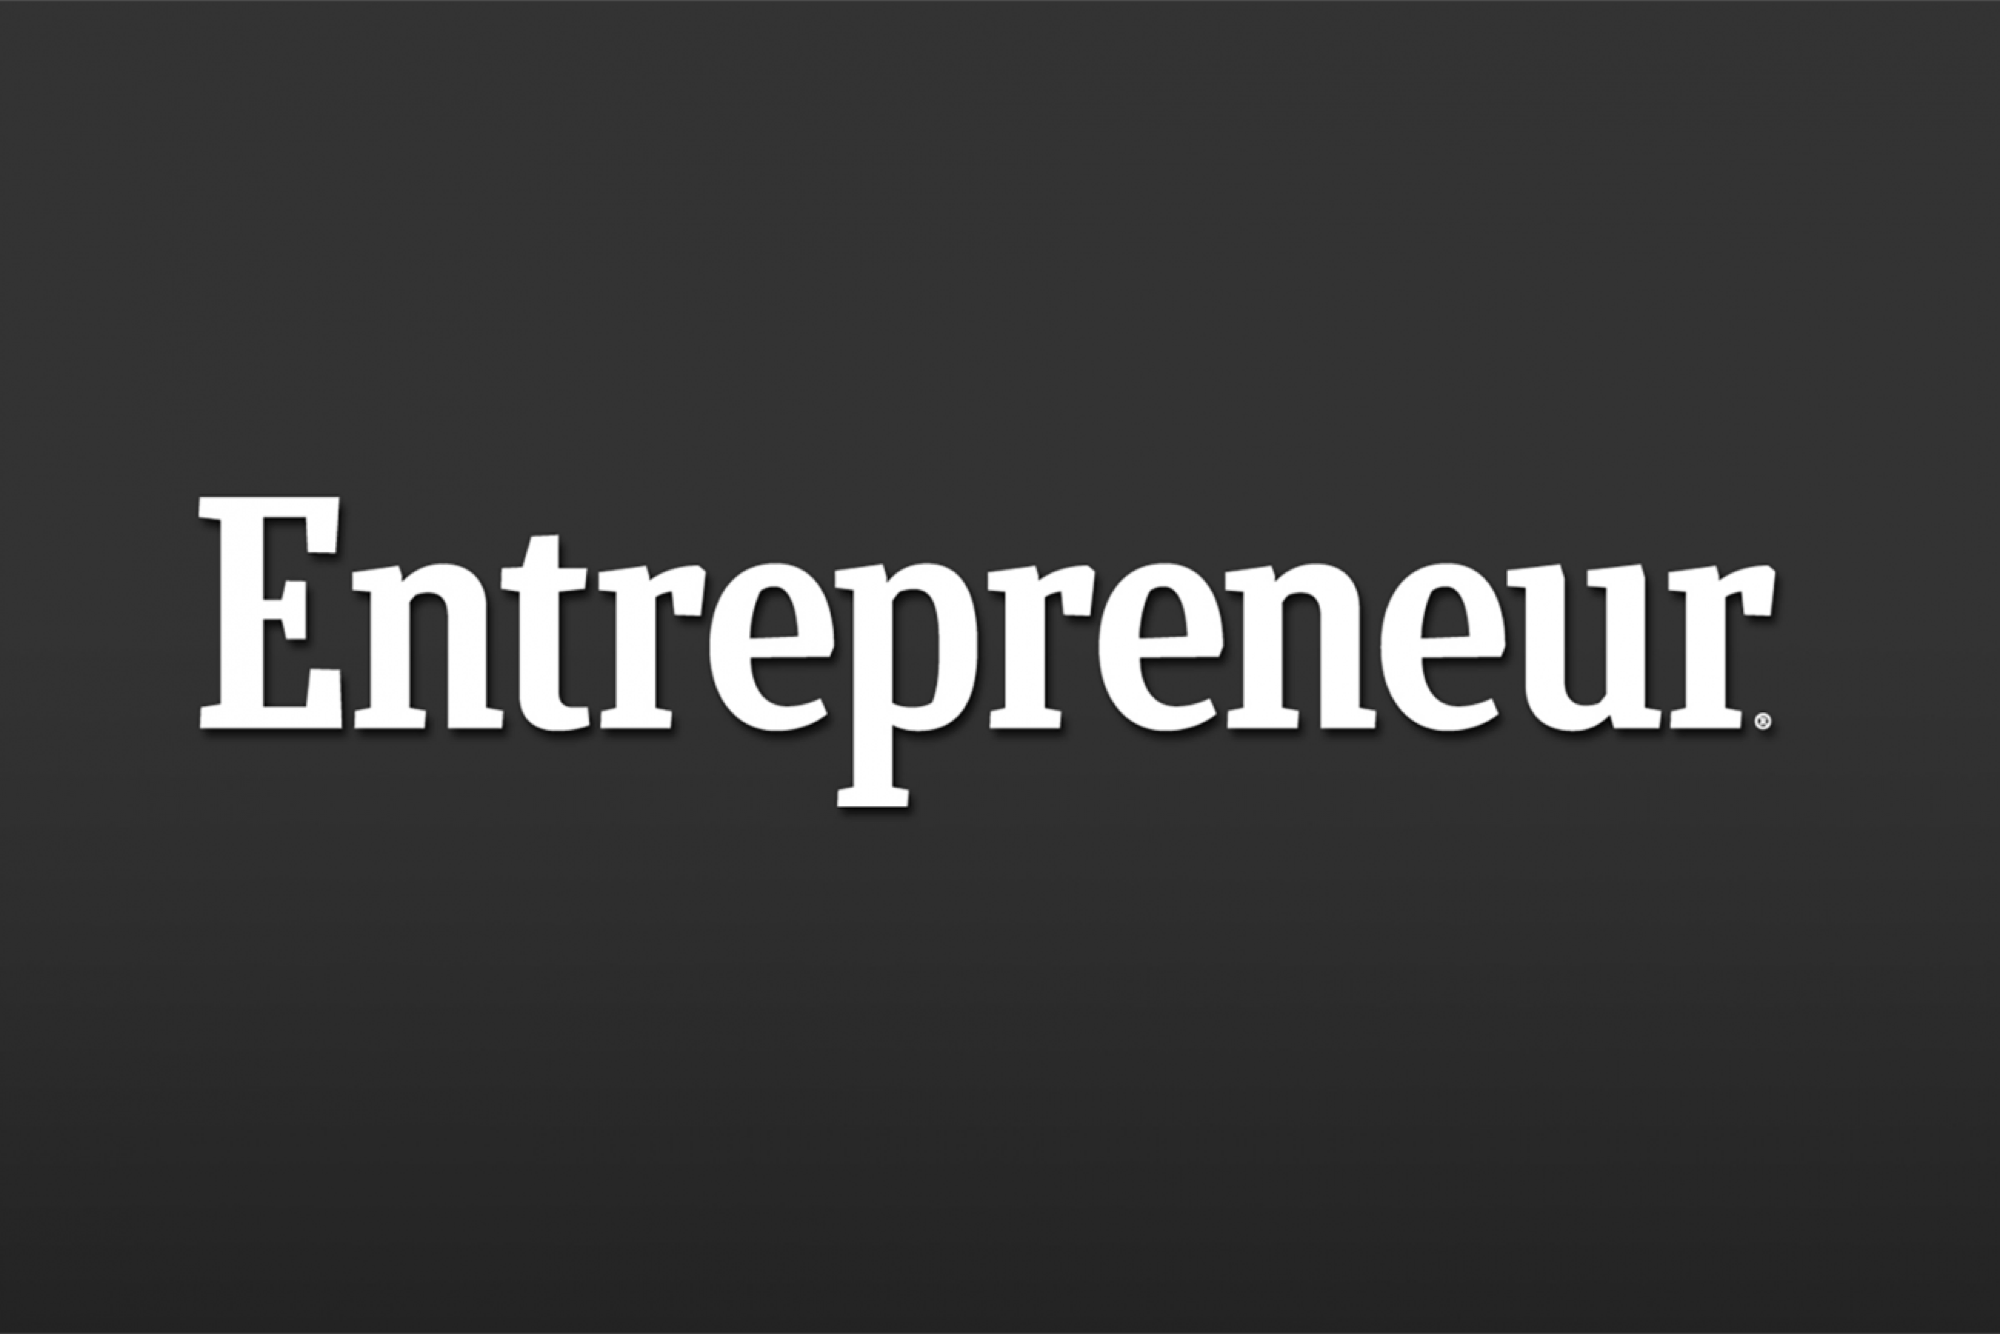 entrepreuneur logo